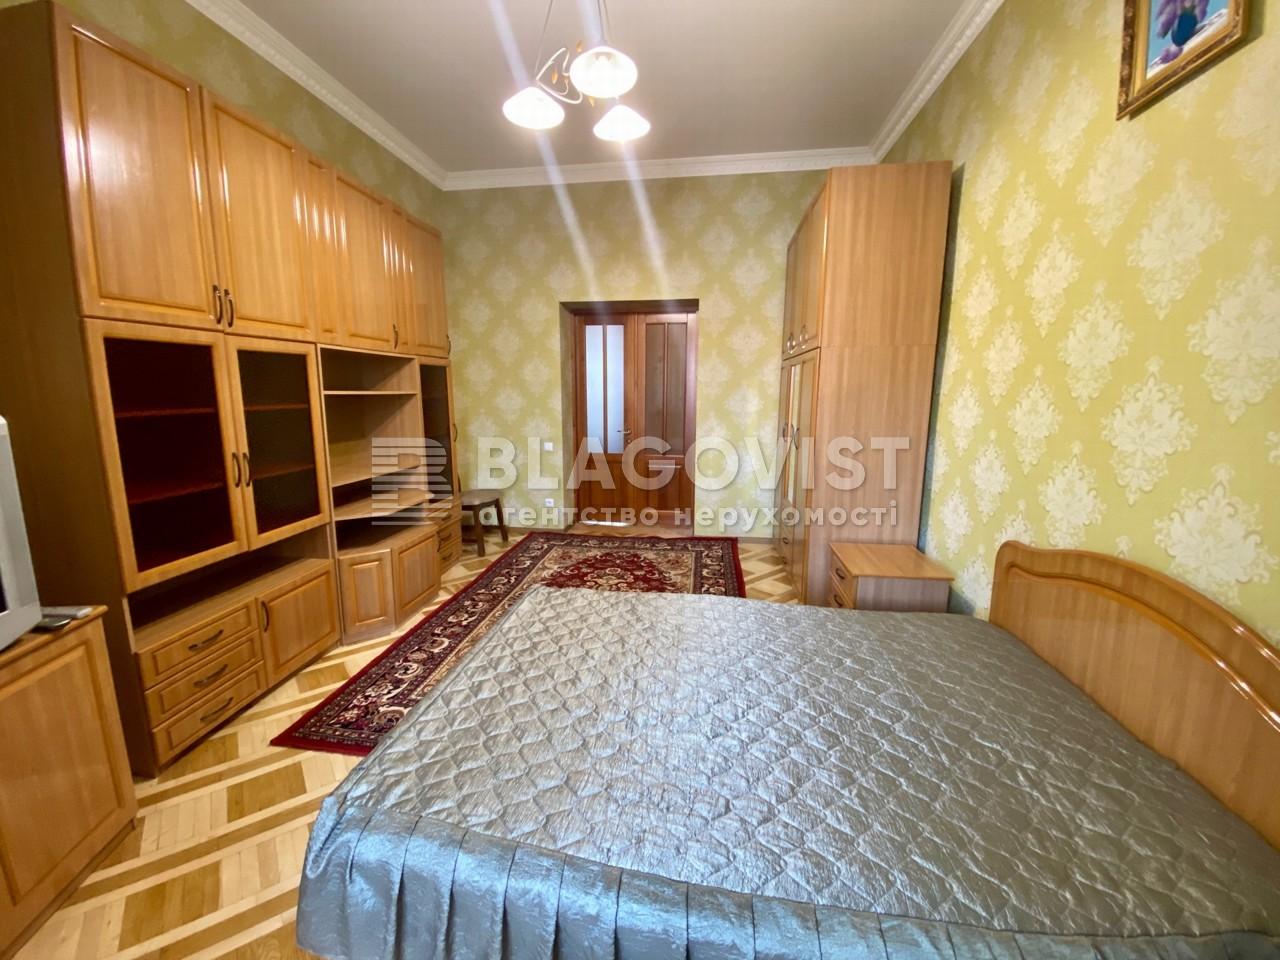 Квартира R-35175, Круглоуниверситетская, 18/2, Киев - Фото 6